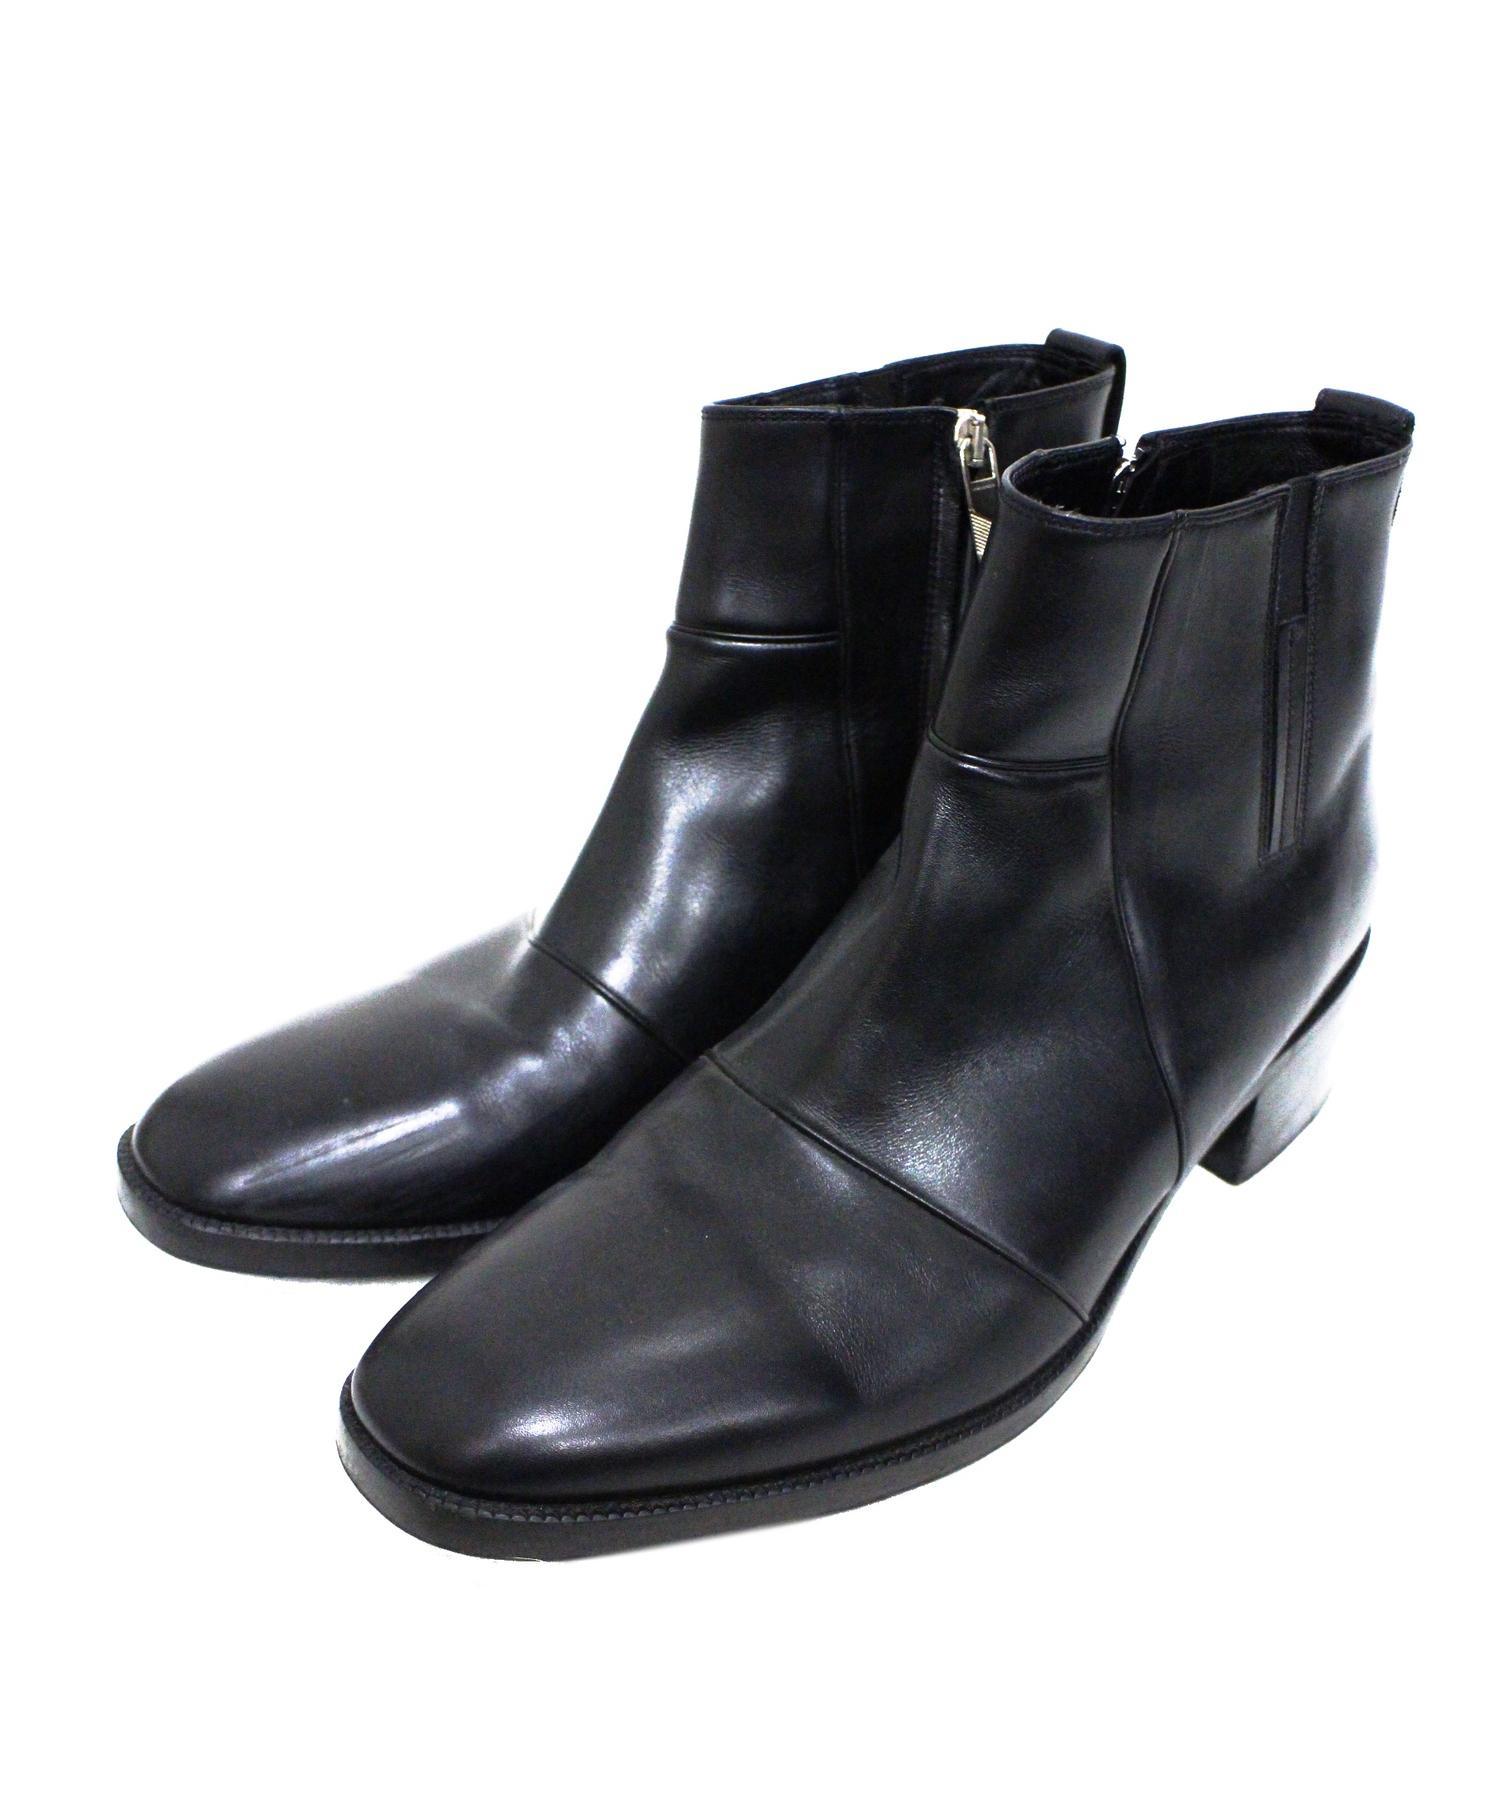 new product 449dc adf98 [中古]Dior HOMME(ディオールオム)のメンズ シューズ サイドジップブーツ